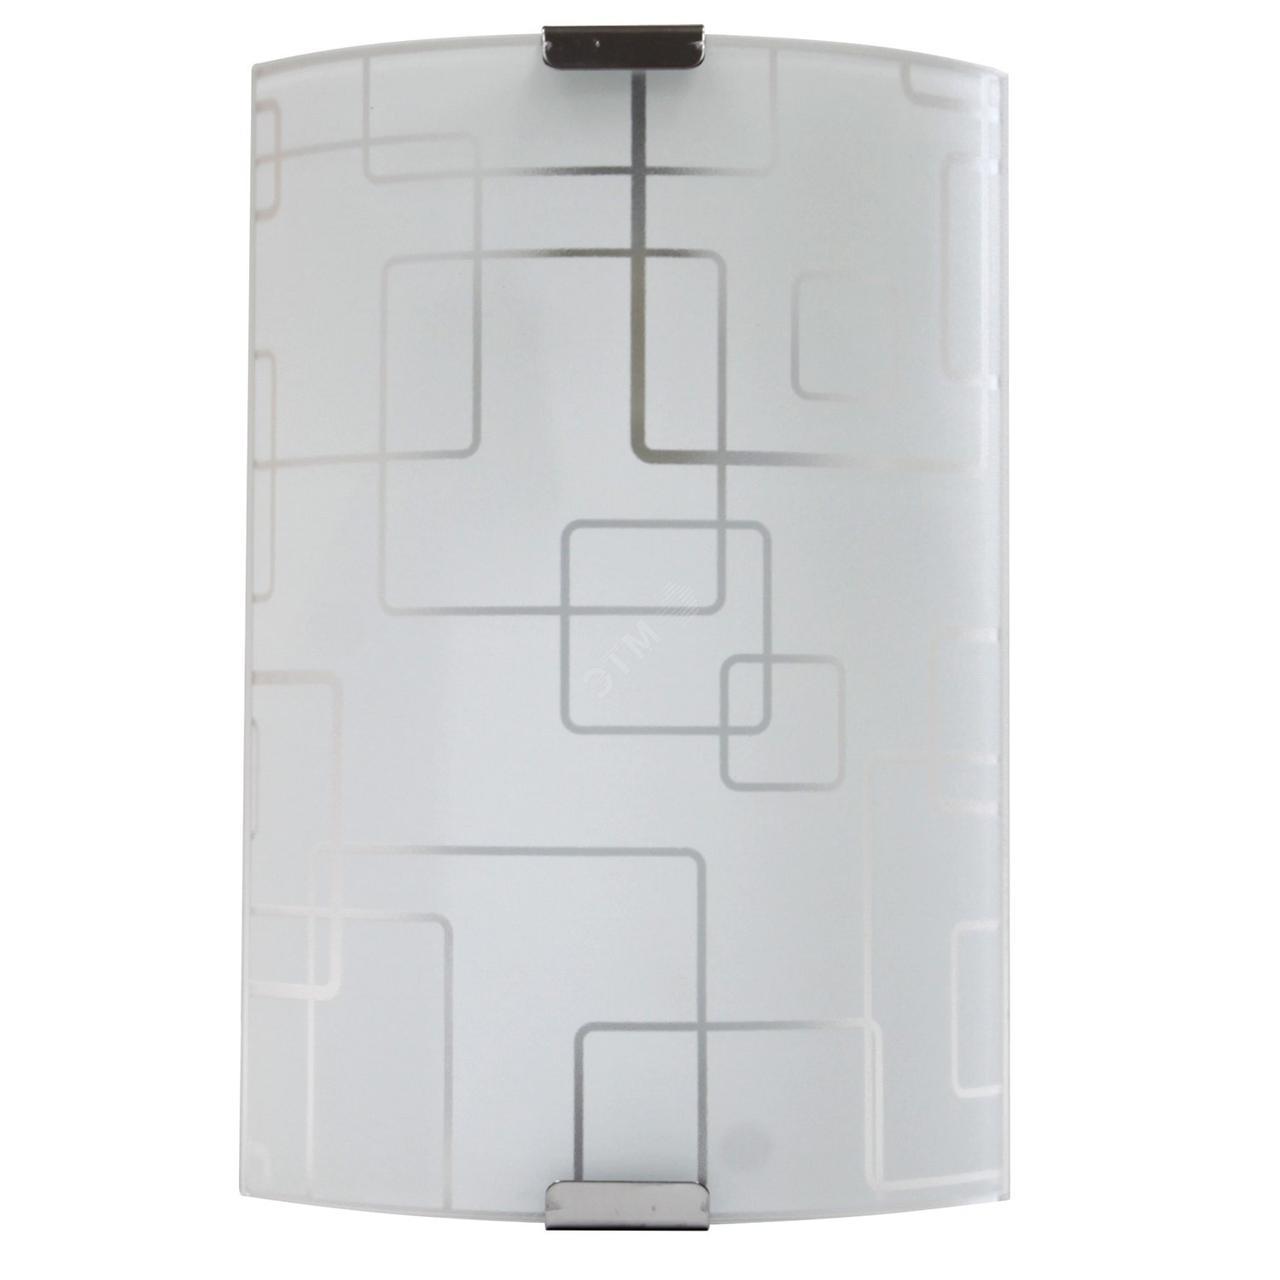 Светильник 150*220 Оазис НББ 21-60 М21 матовый белый/кл.штамп металлик ИУ